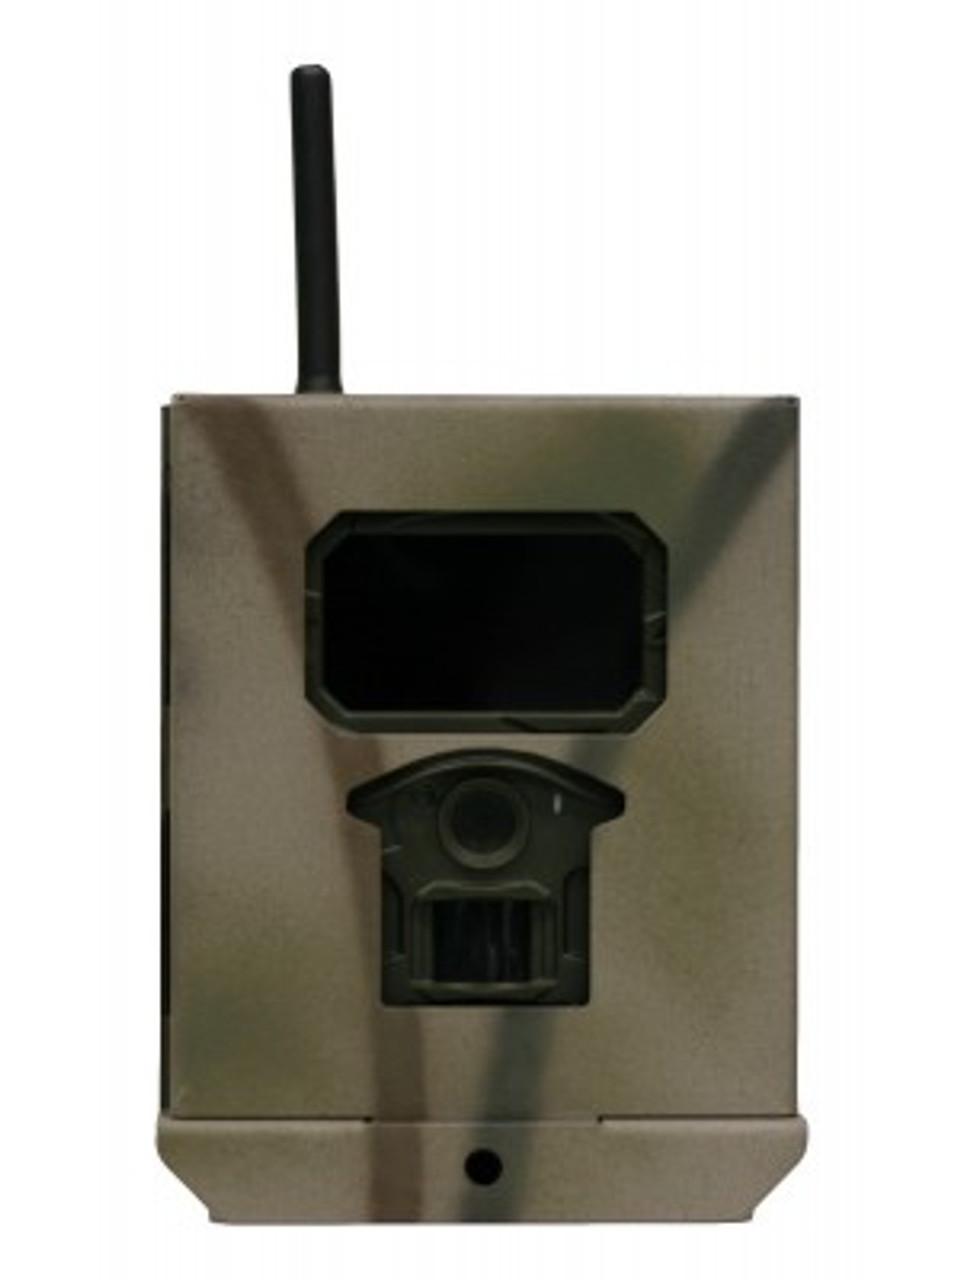 HCO GoCam Camera Security Box